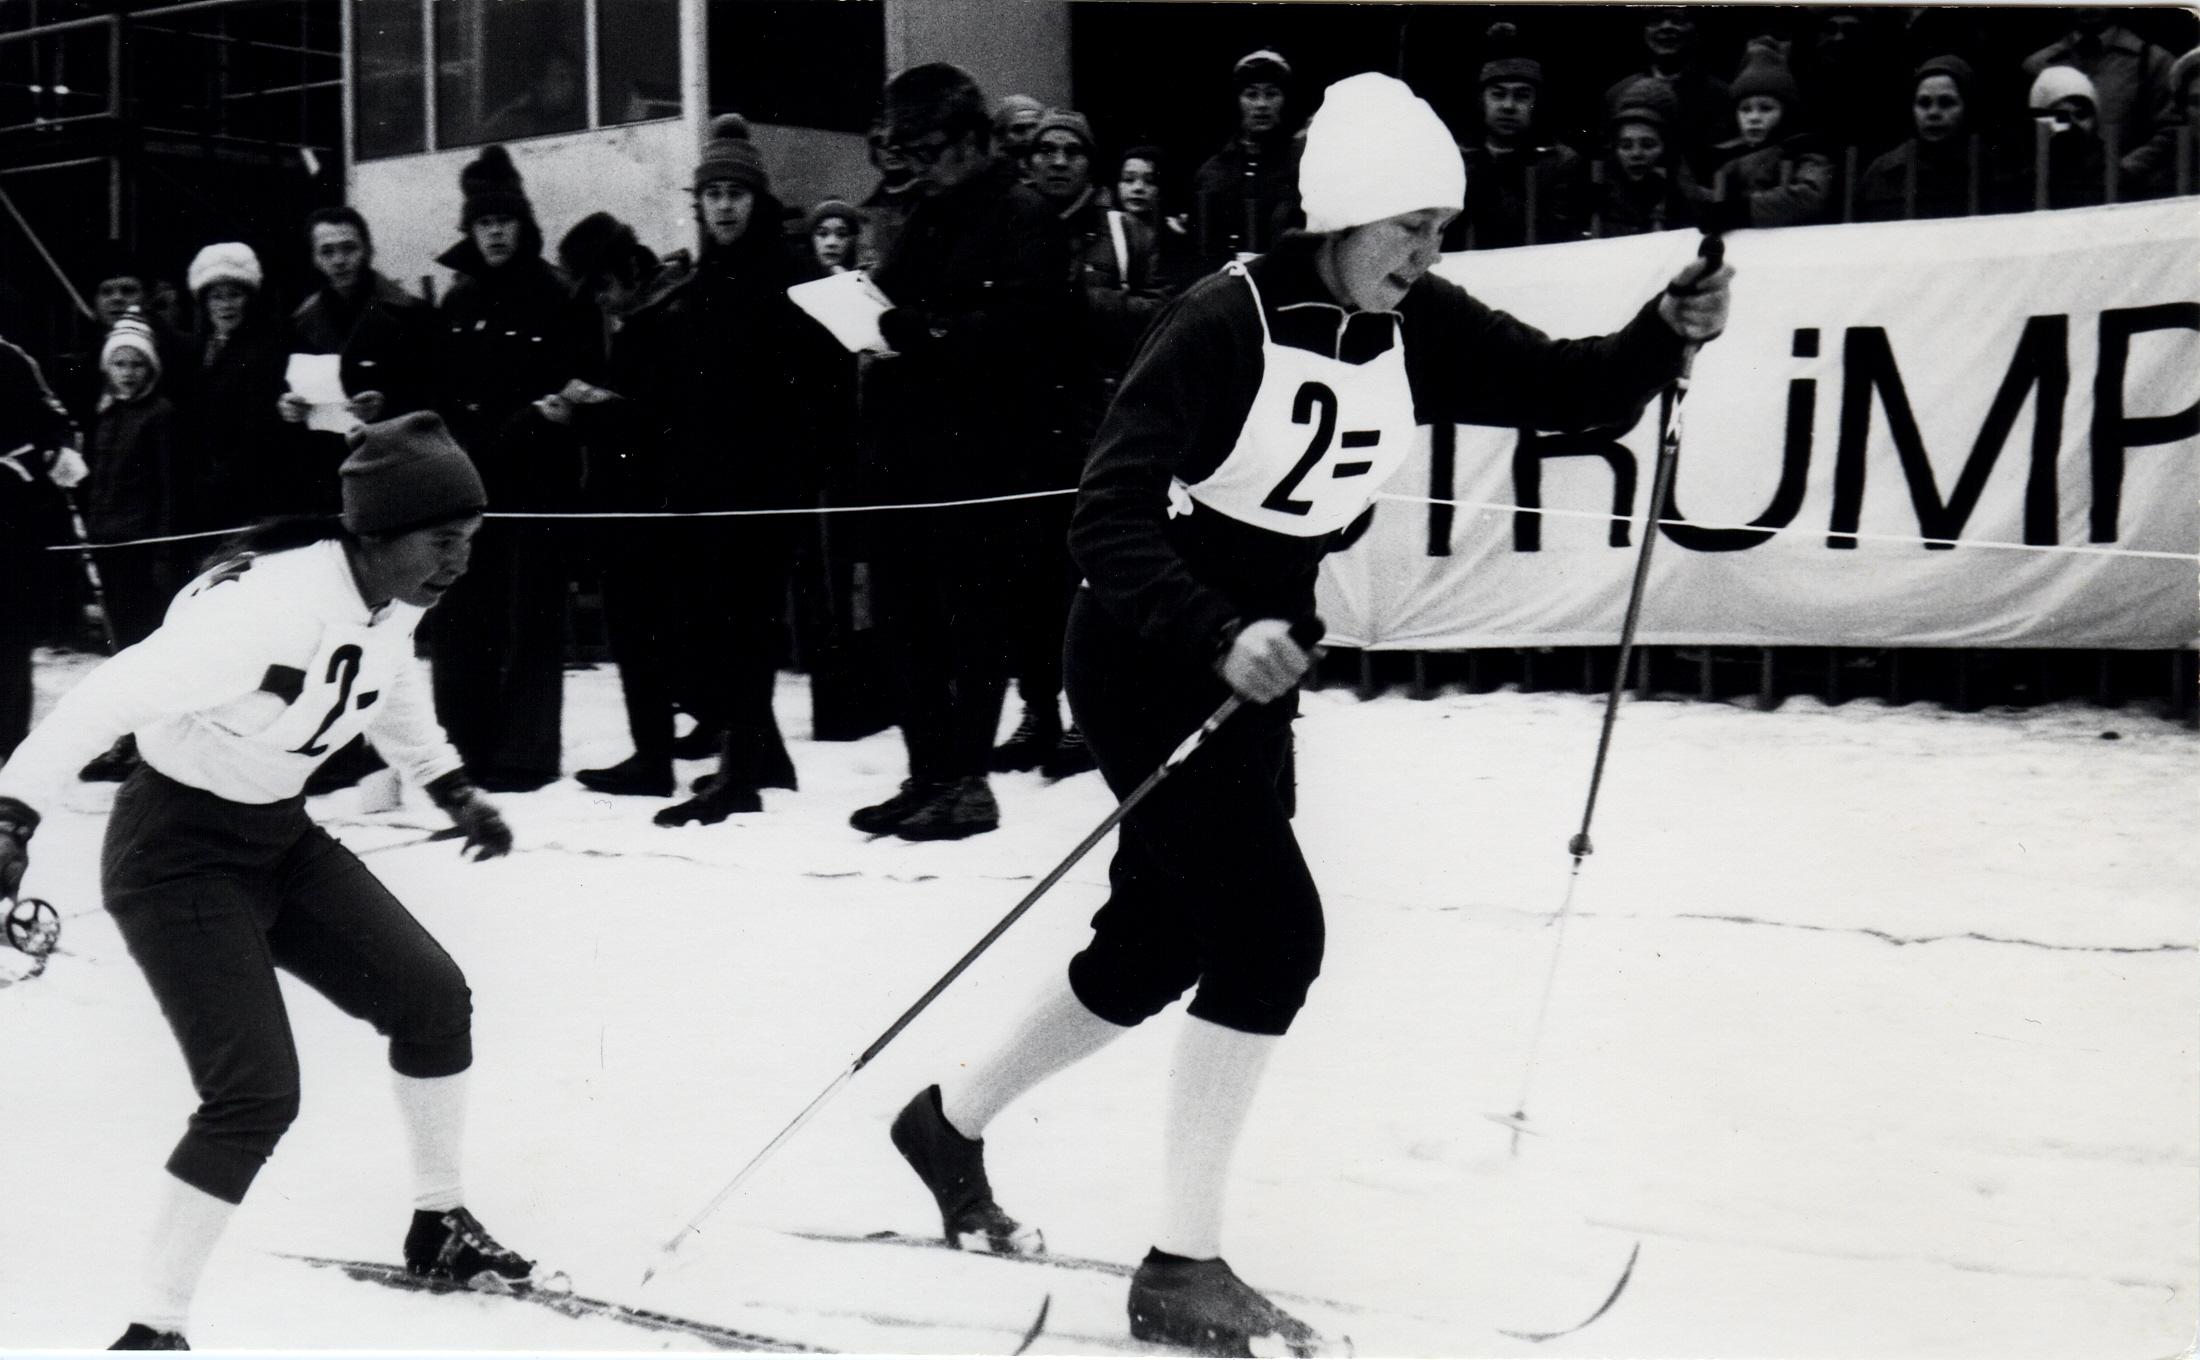 Rutt Rehemaa overtar etter Zalija Nasryjeva på stafetten i Klingenthal i 1975. Sovjet ble til slutt nr 4 i stafetten. Nasryjeva tok senere gull på 10 km under vinteruniversiaden i 1978, som Zalija Sjajkhislamova.